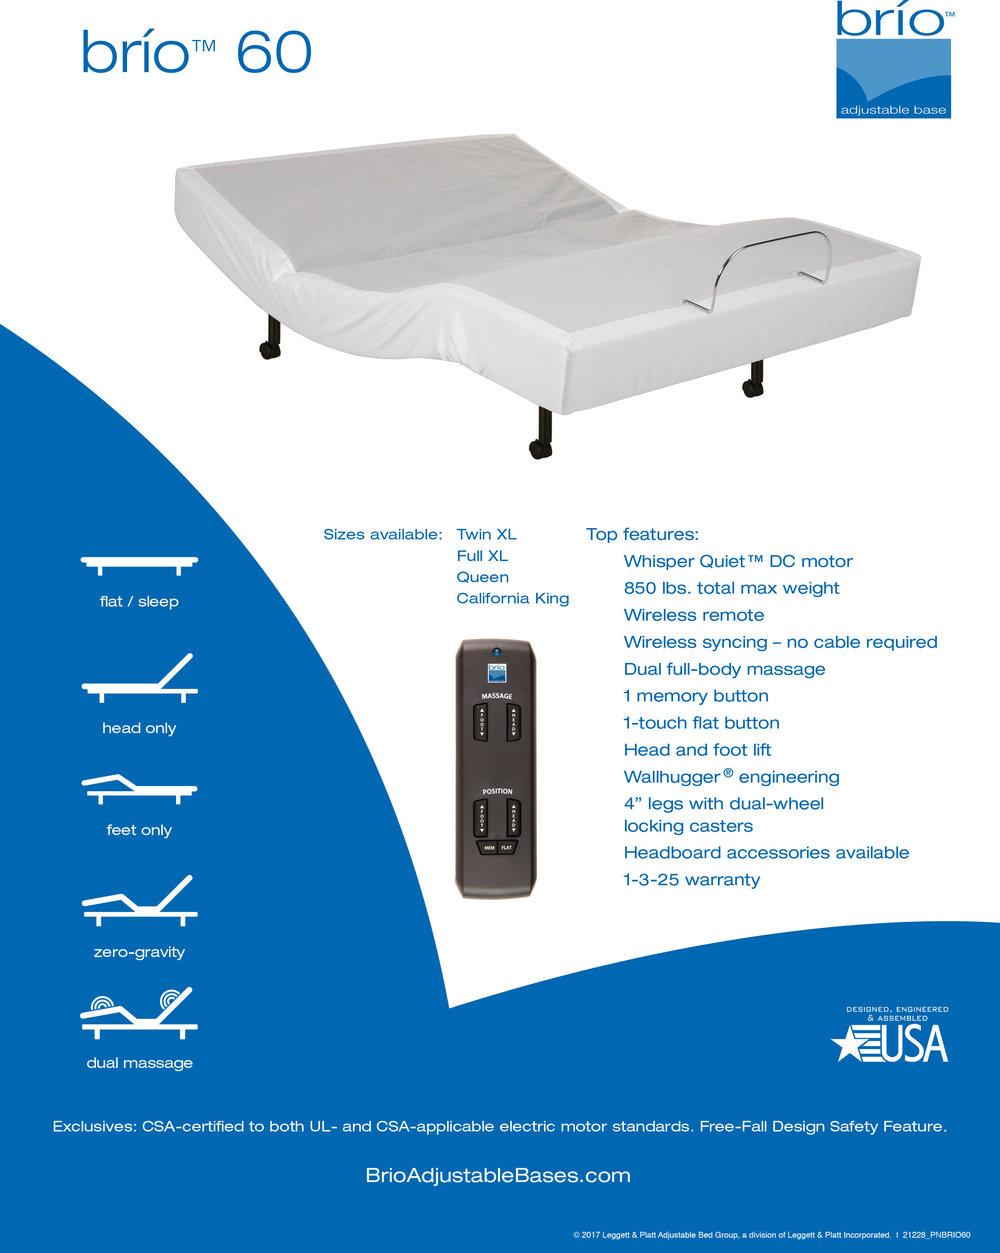 Gold Bond Brio 60 Adjustable Bed